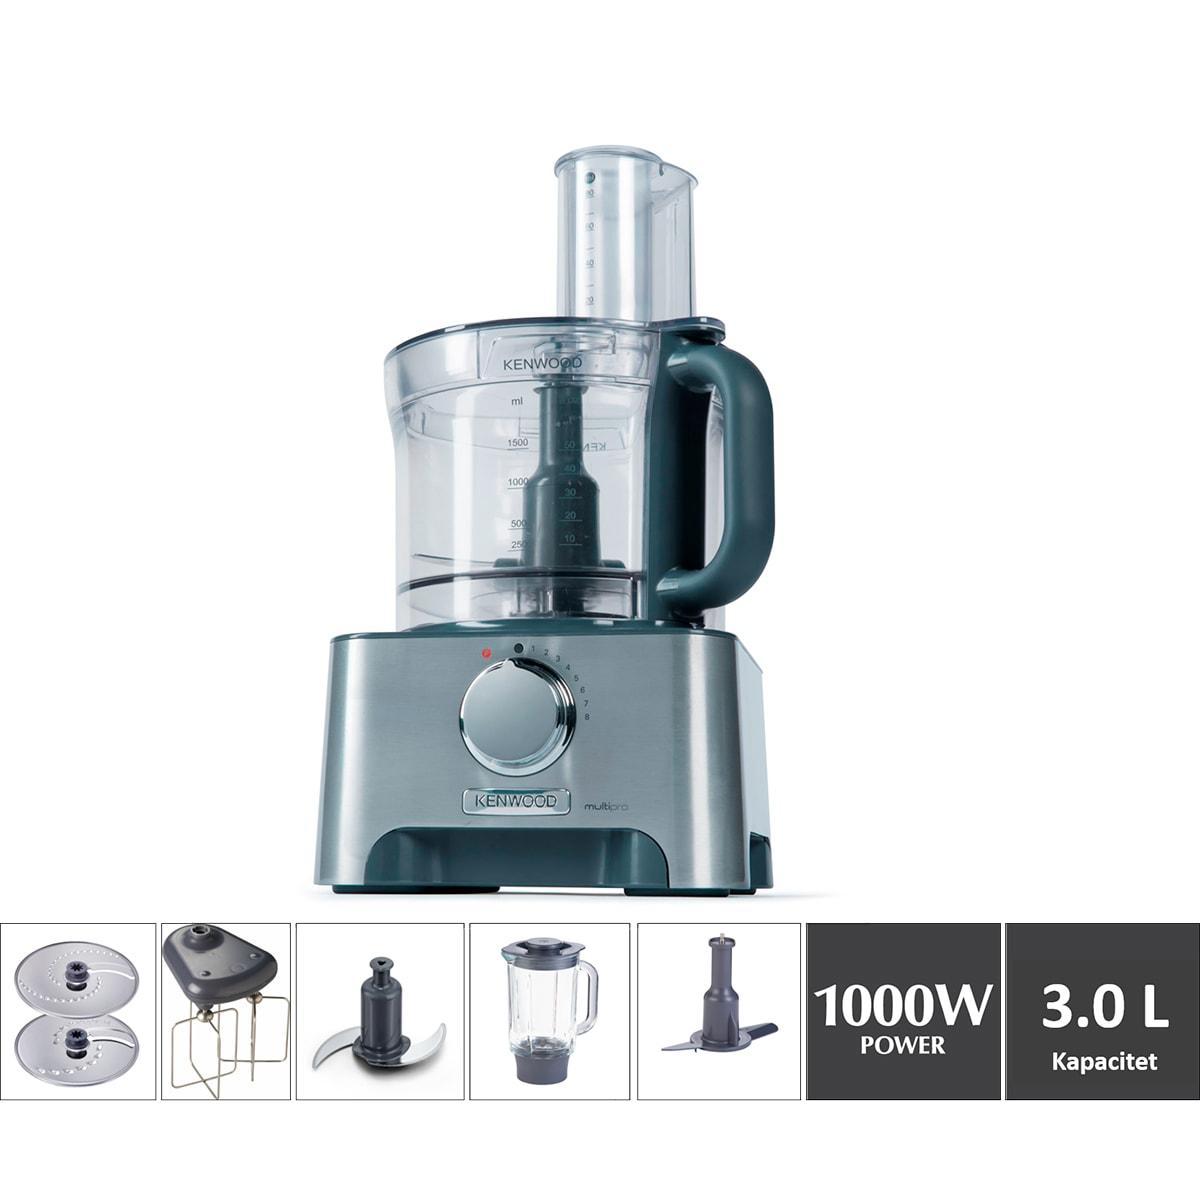 FDM780 - Med skål og blender